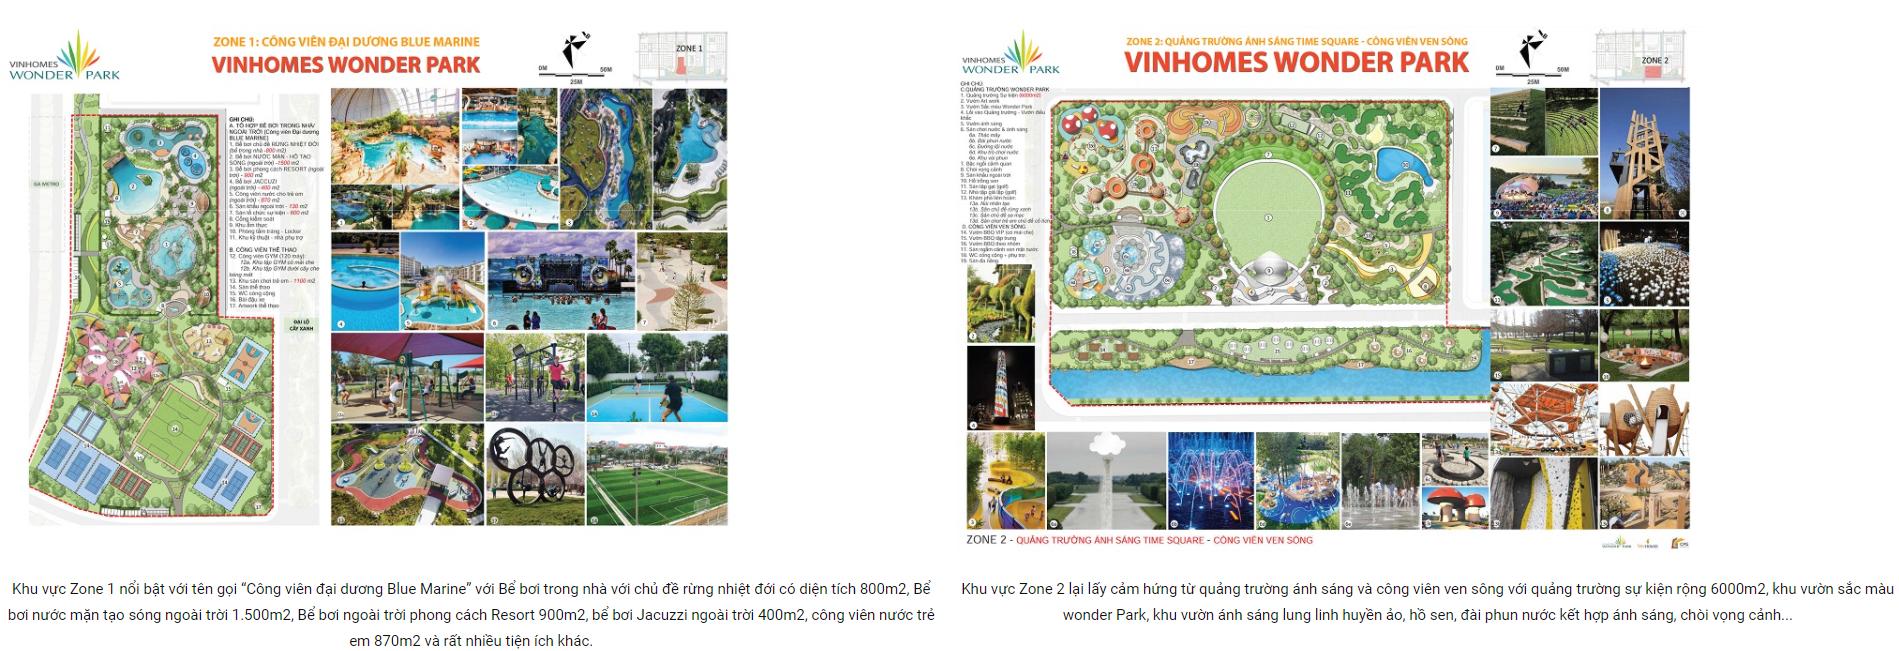 Tiện ích tại dự án Vinhomes Wonder Park Đan Phượng